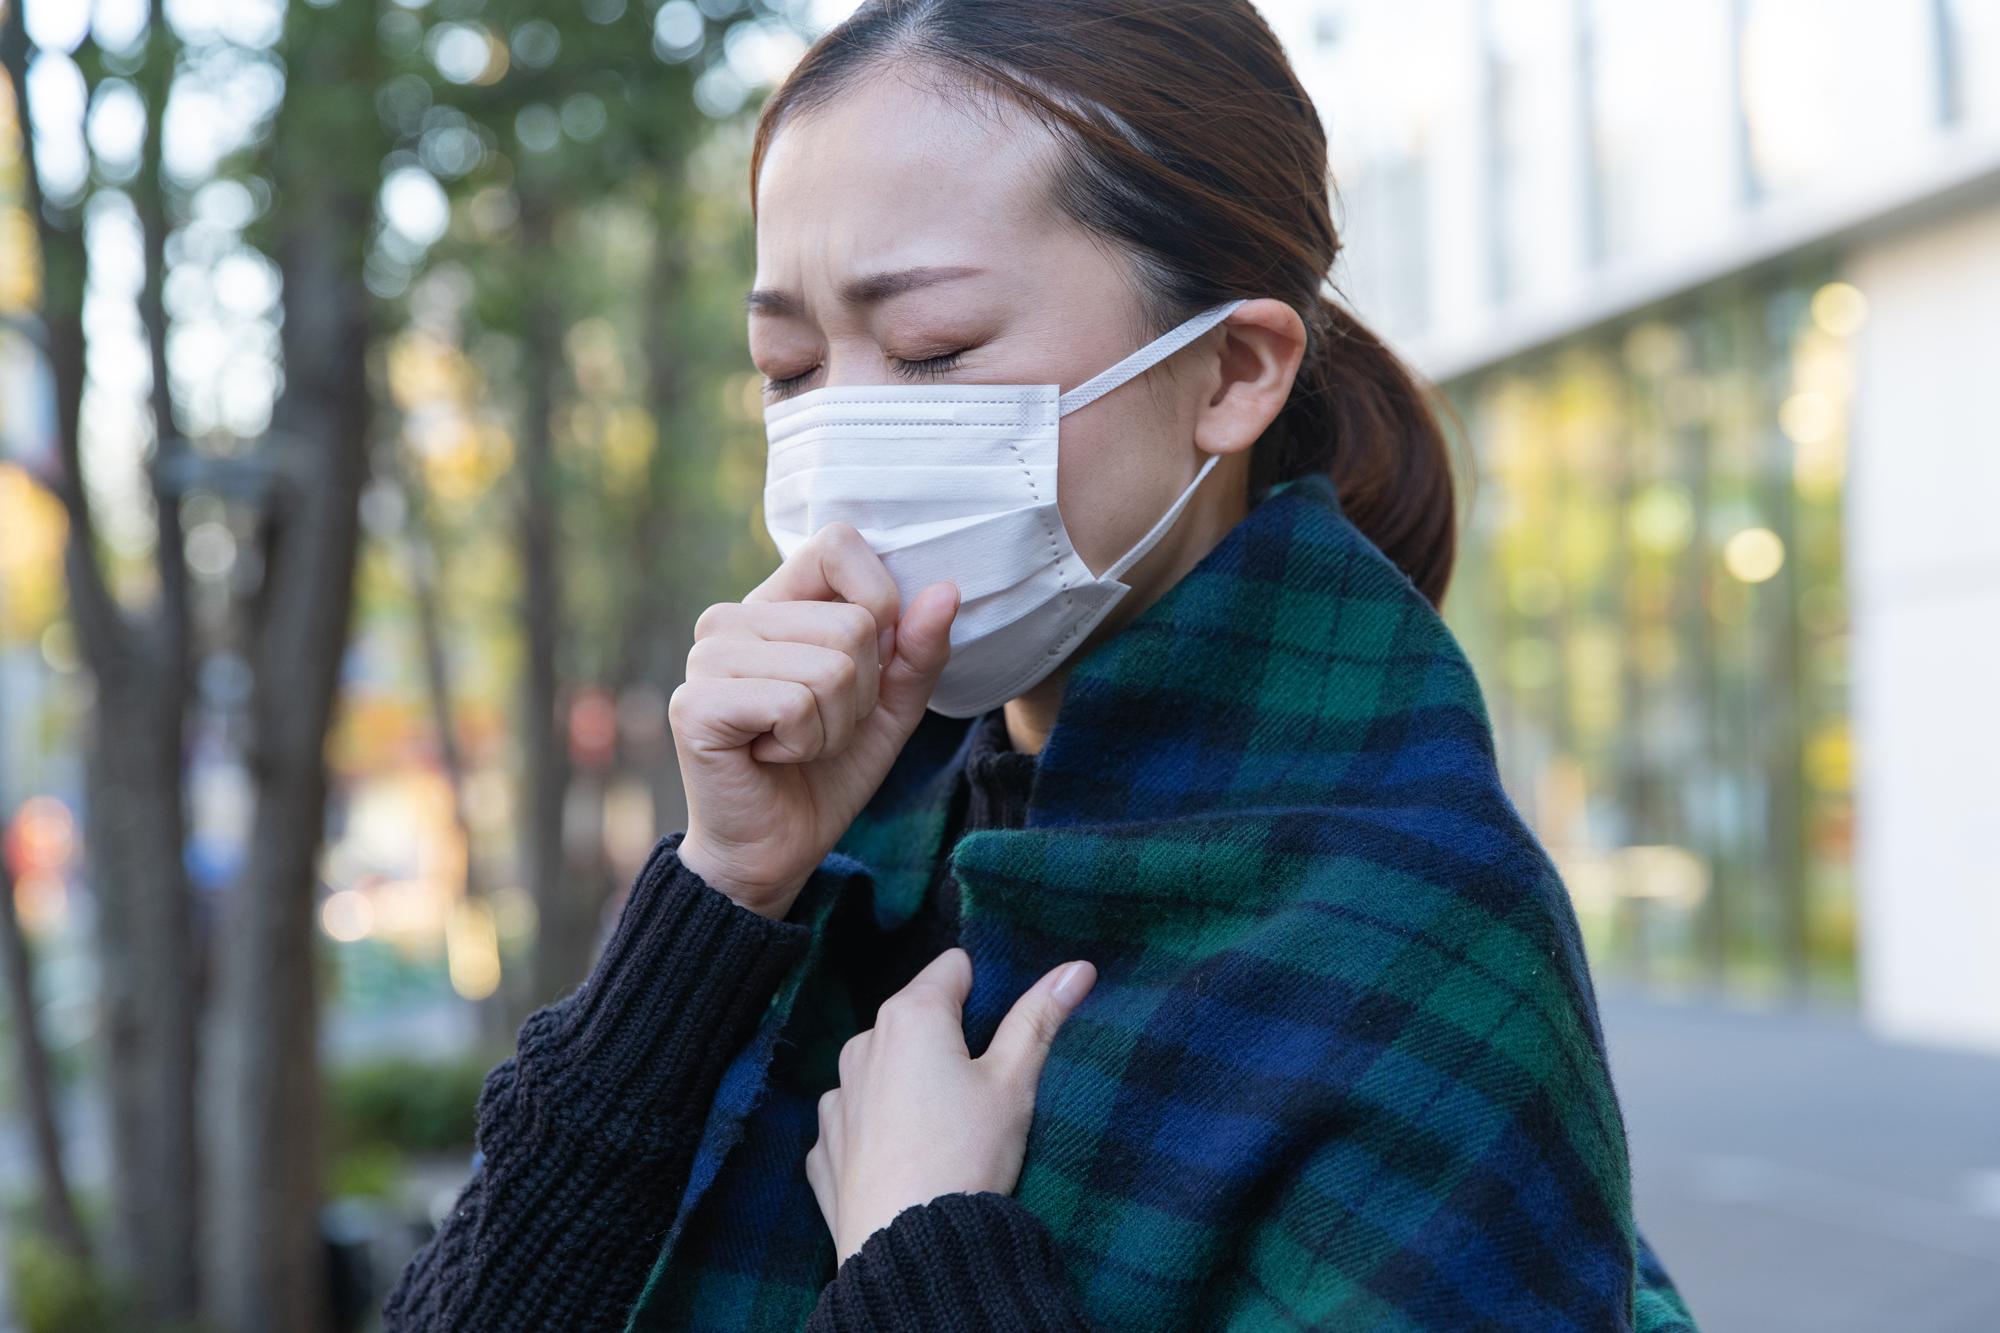 ノロウイルスが流行る時期とは? 低温乾燥の季節は要注意